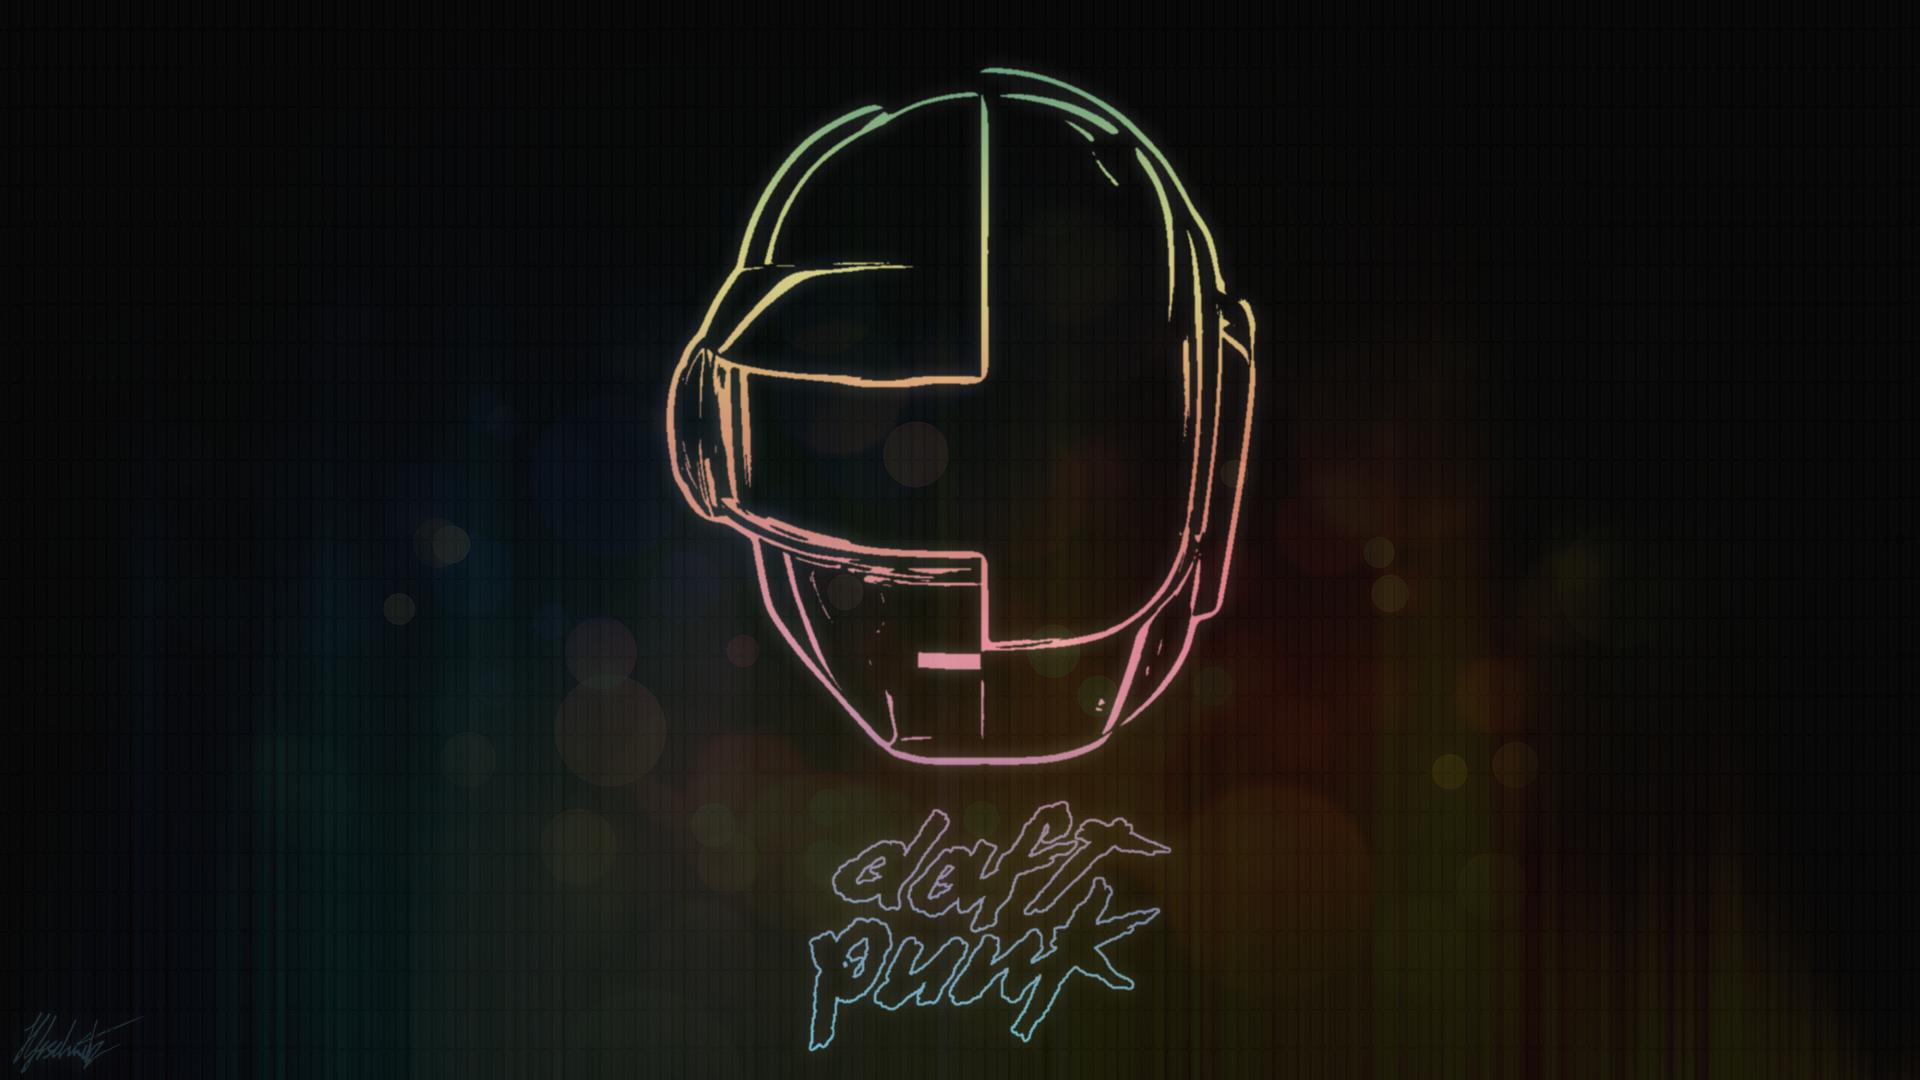 Daft Punk Wallpaper By Schwitz18